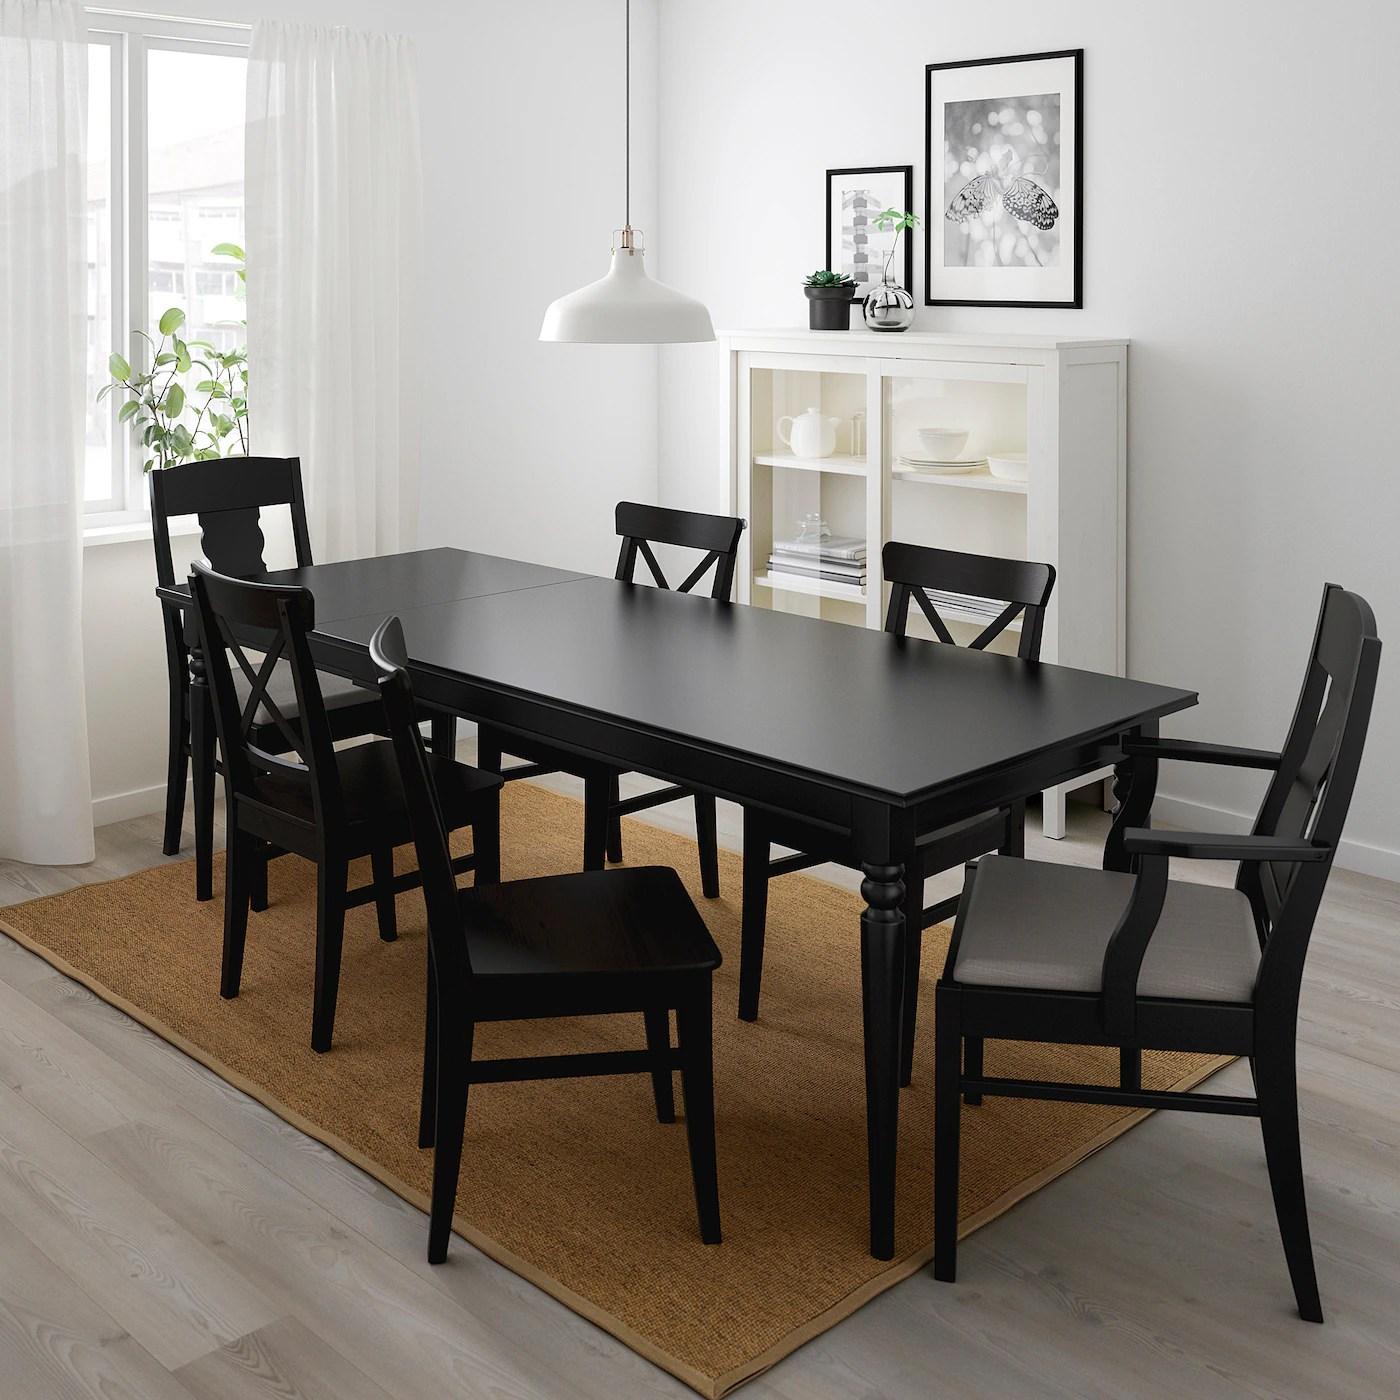 ingatorp ingolf table et 6 chaises noir nolhaga gris beige 155 215 cm